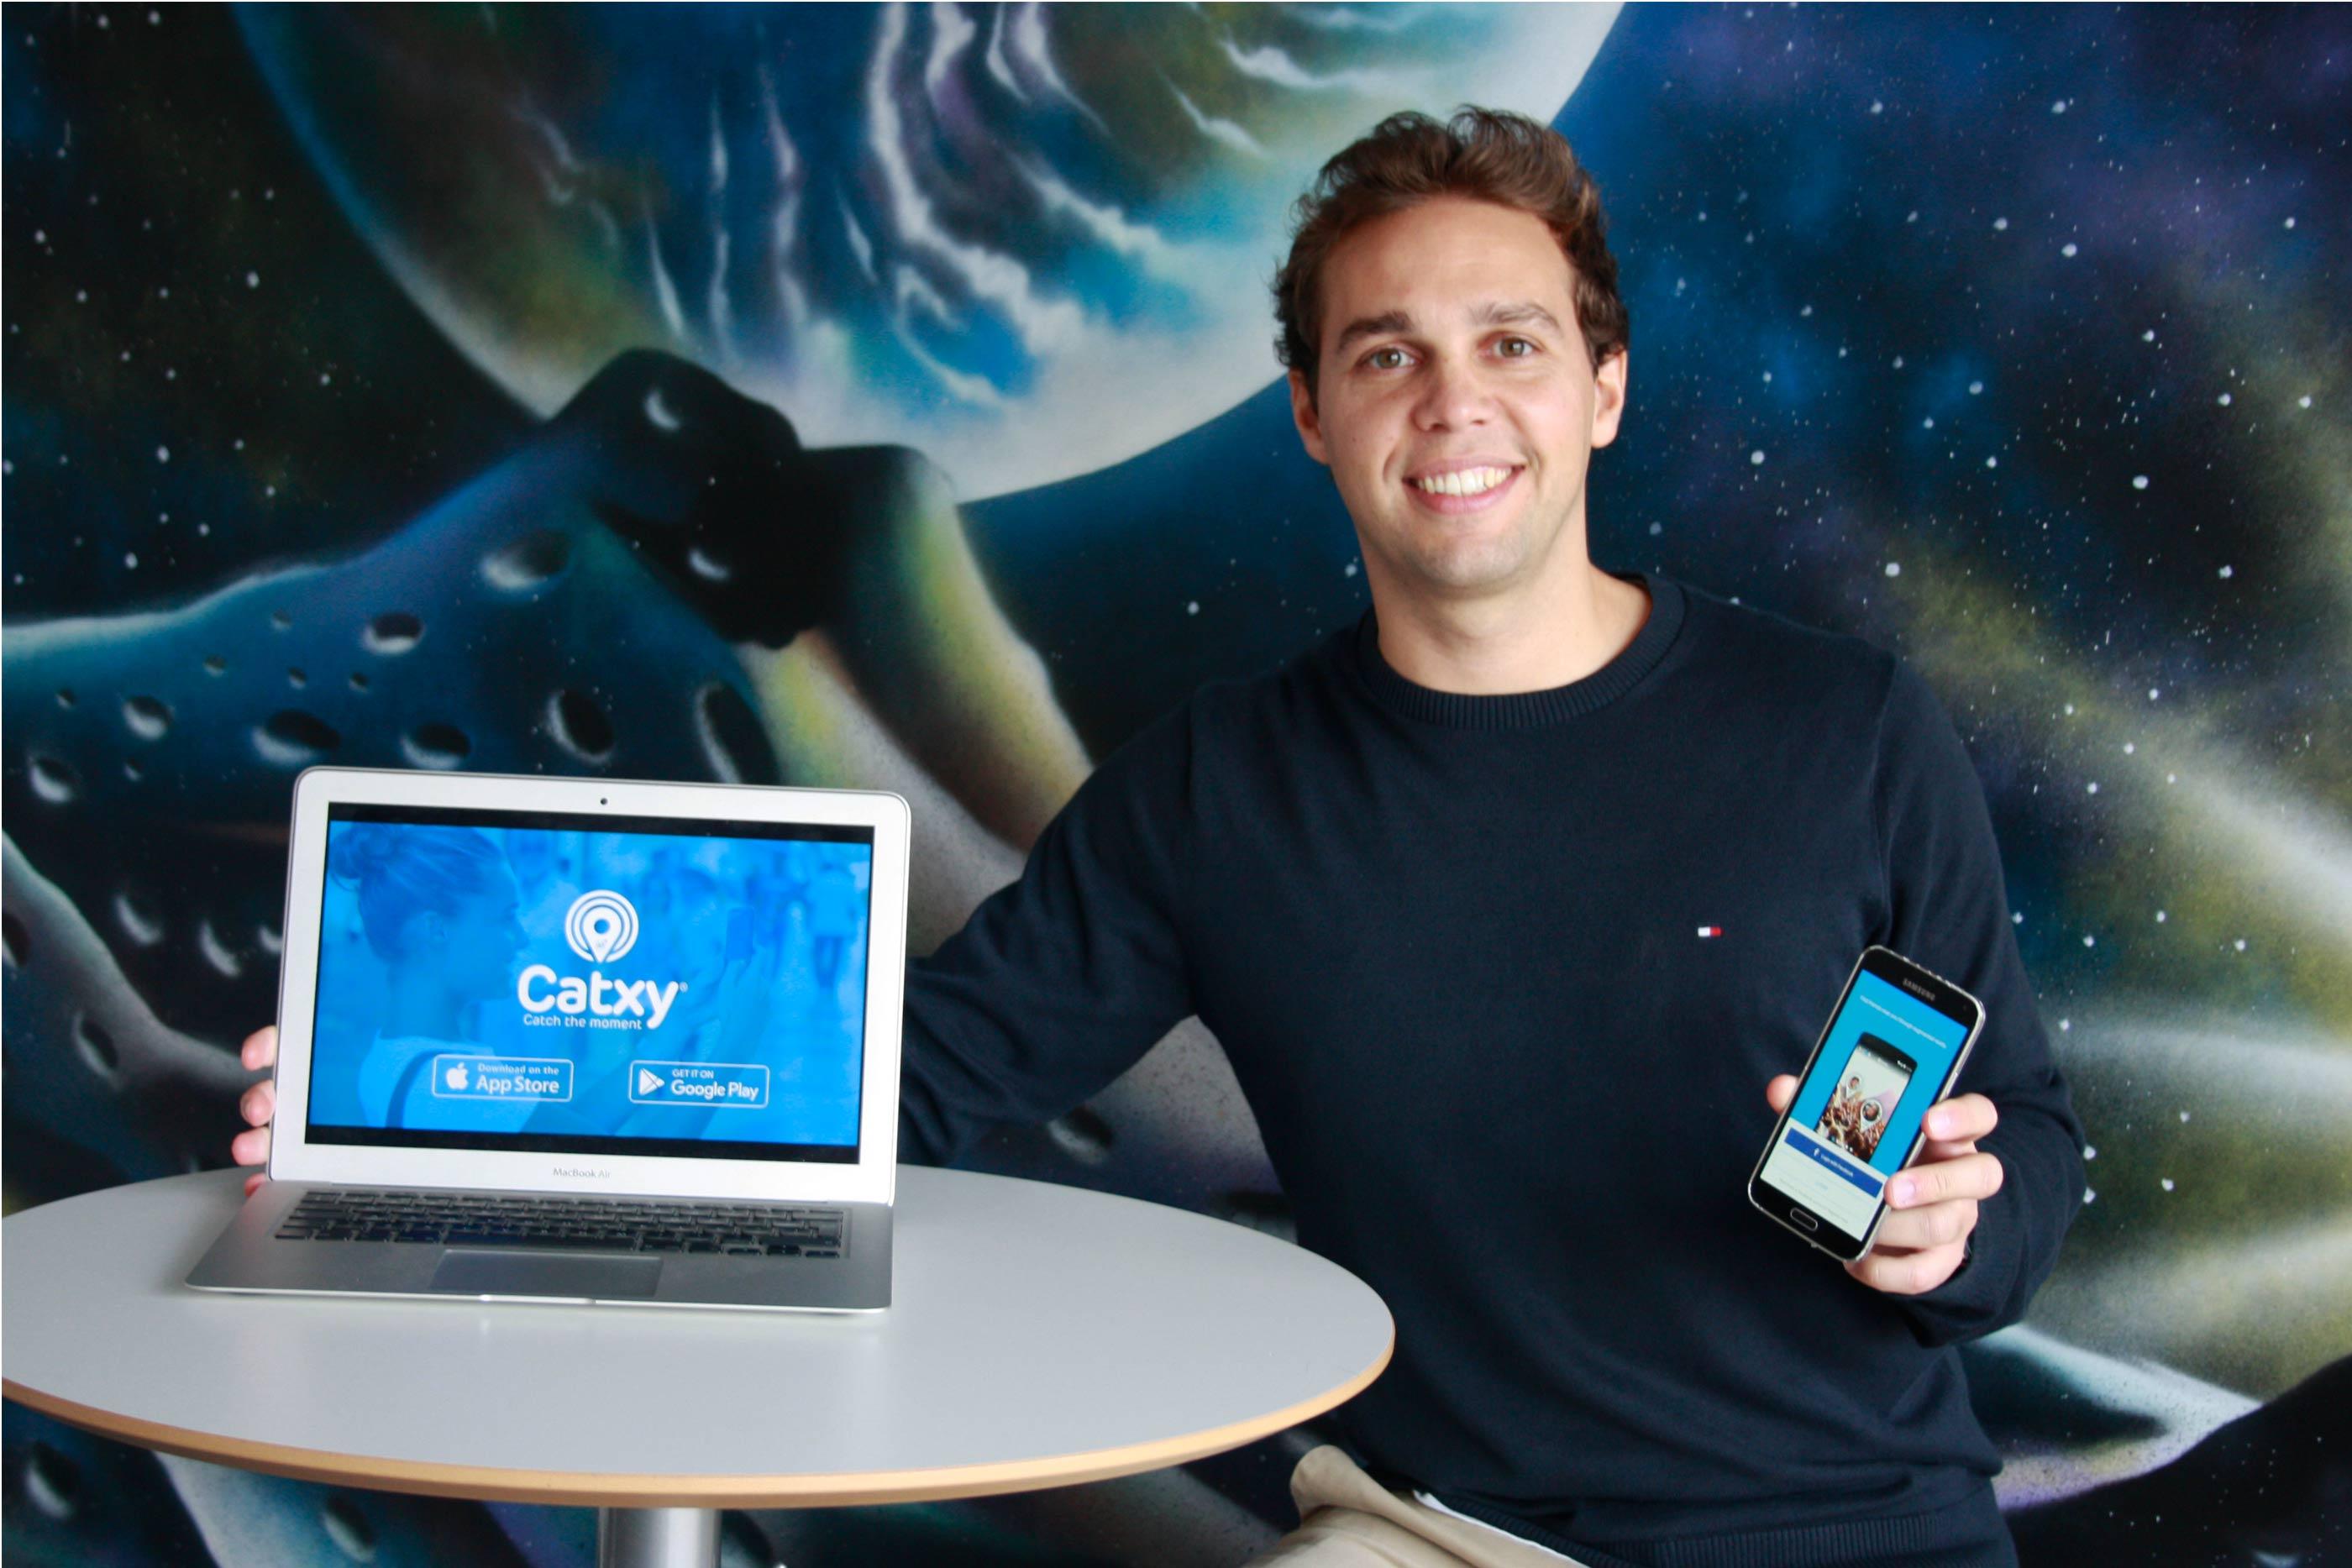 Fábio Rodrigues, CEO Catxy, com um portátil de sistema operativo Android e com um Iphone com a aplicação